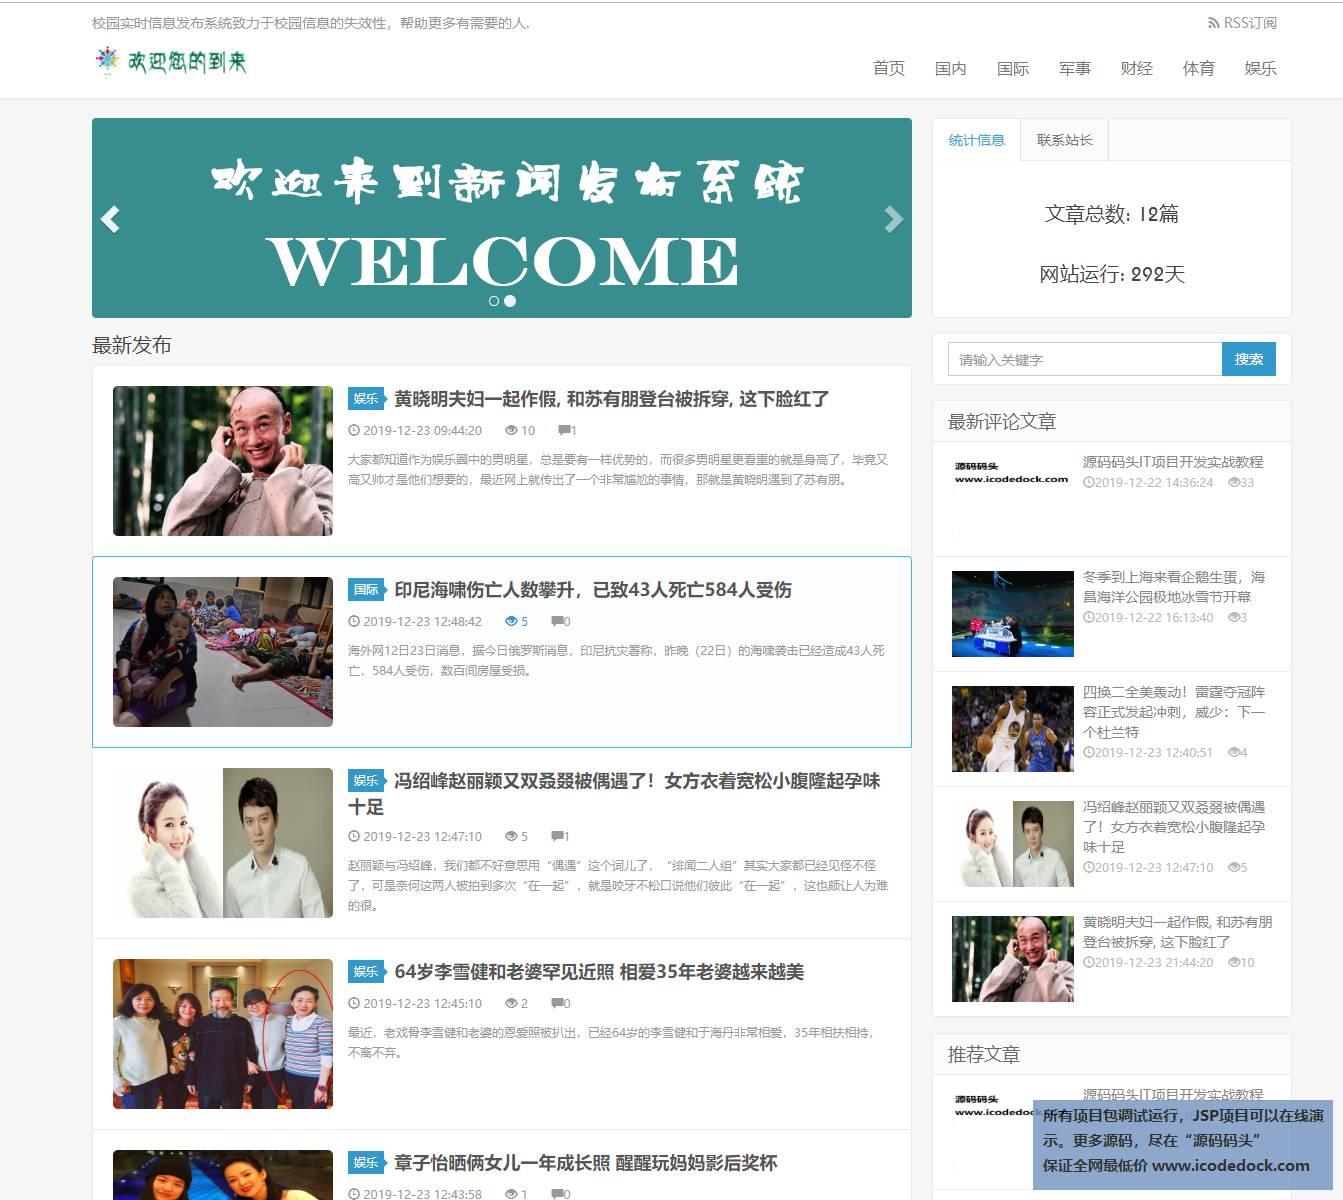 源码码头-SSM新闻发布管理系统-用户角色-用户首页